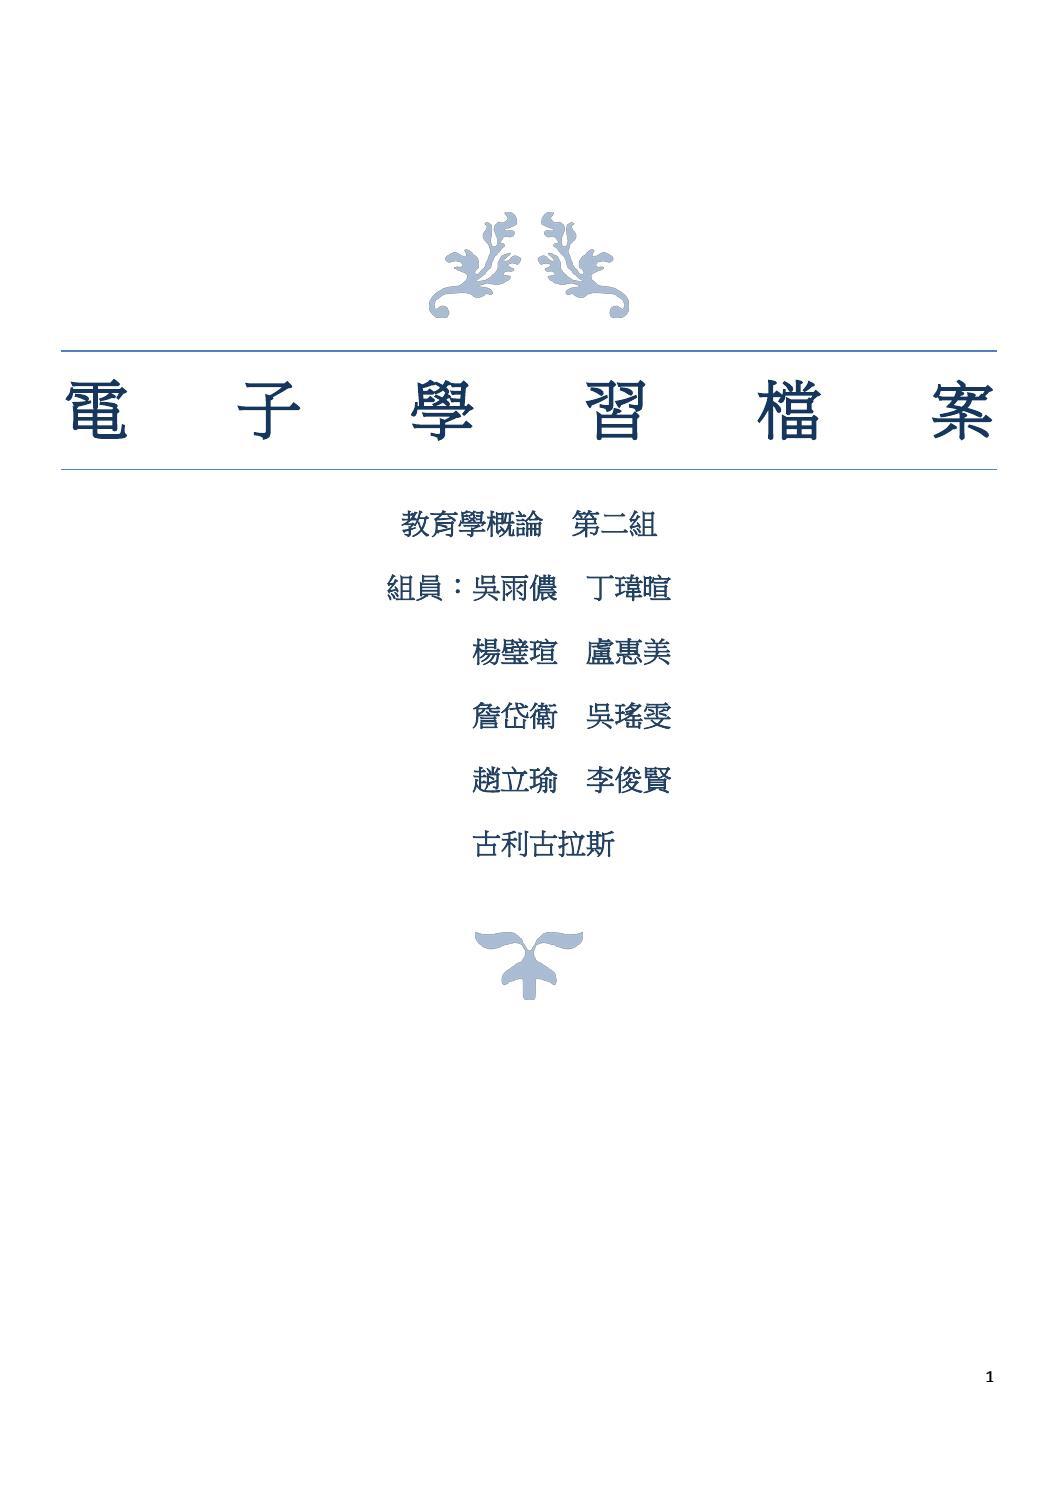 教育學概論第二組電子學習檔案 by Mei Lu - Issuu